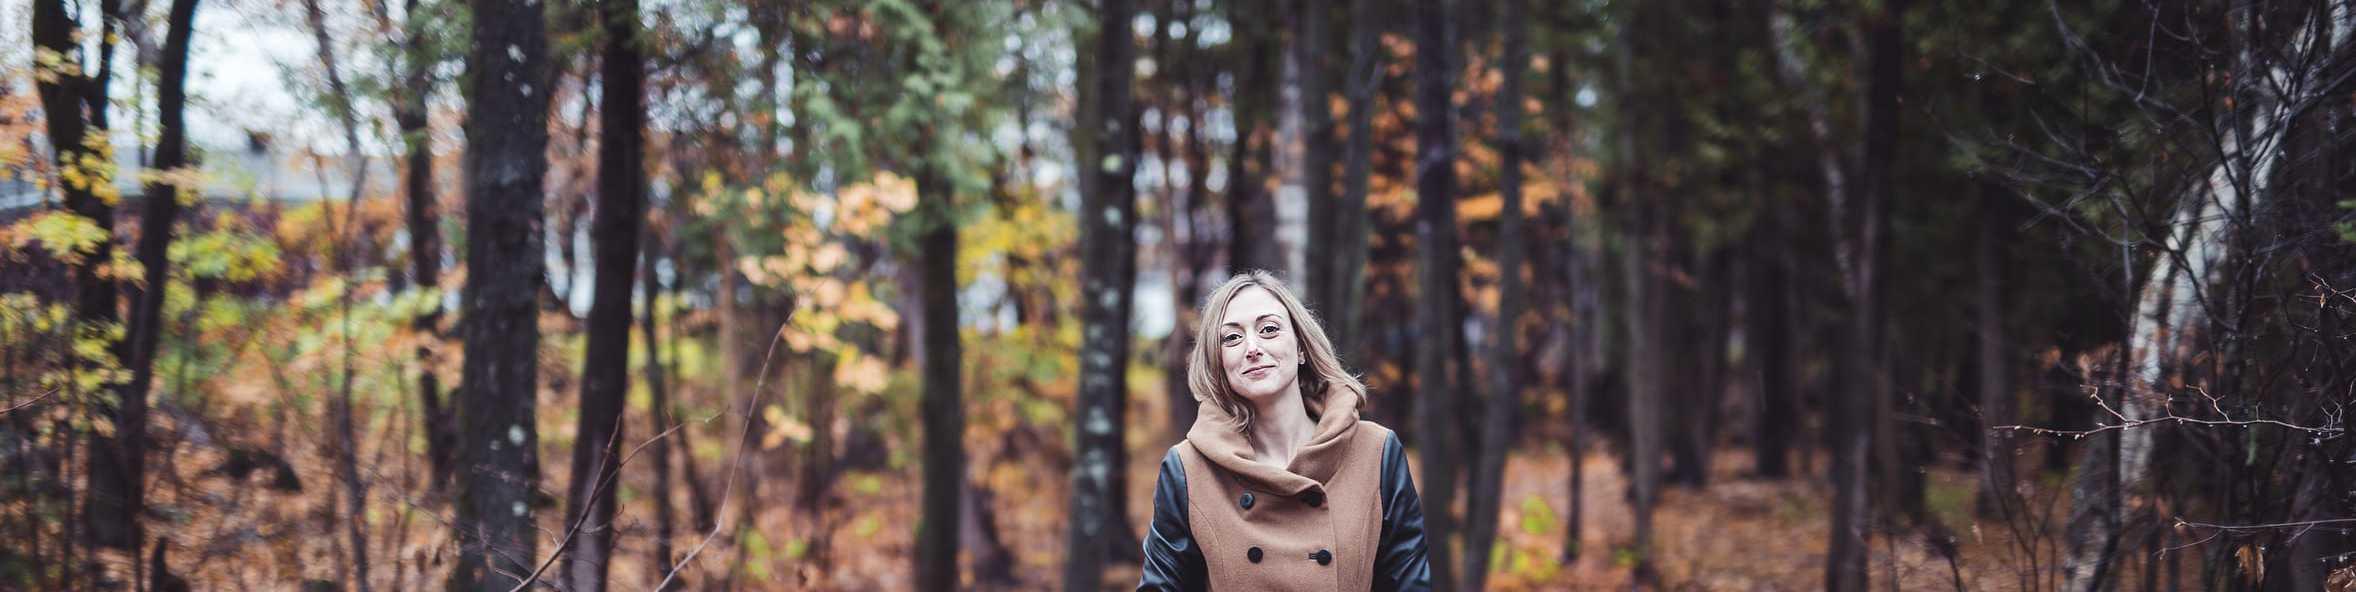 Frau steht im Herbstwald-Lichtmangel